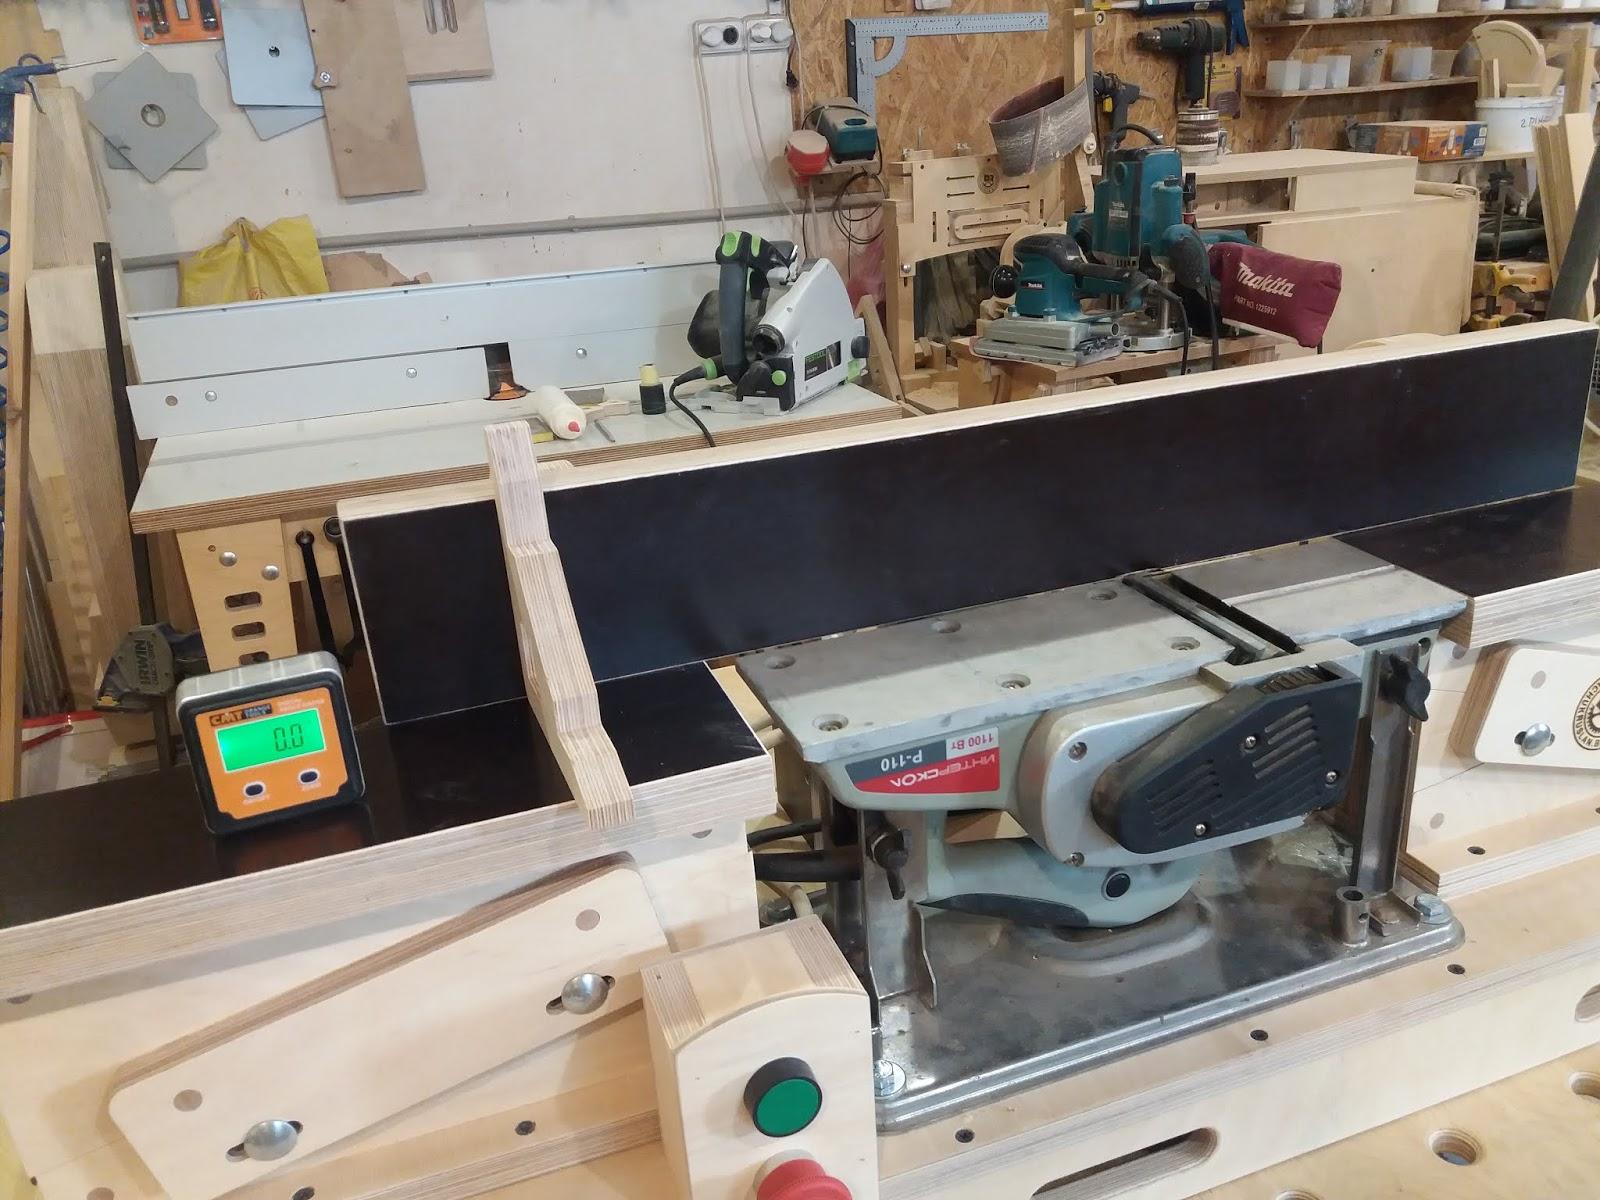 Фуганок своими руками: как сделать из электрорубанка и из фрезера? чертежи самодельного настольного электрического фуганка